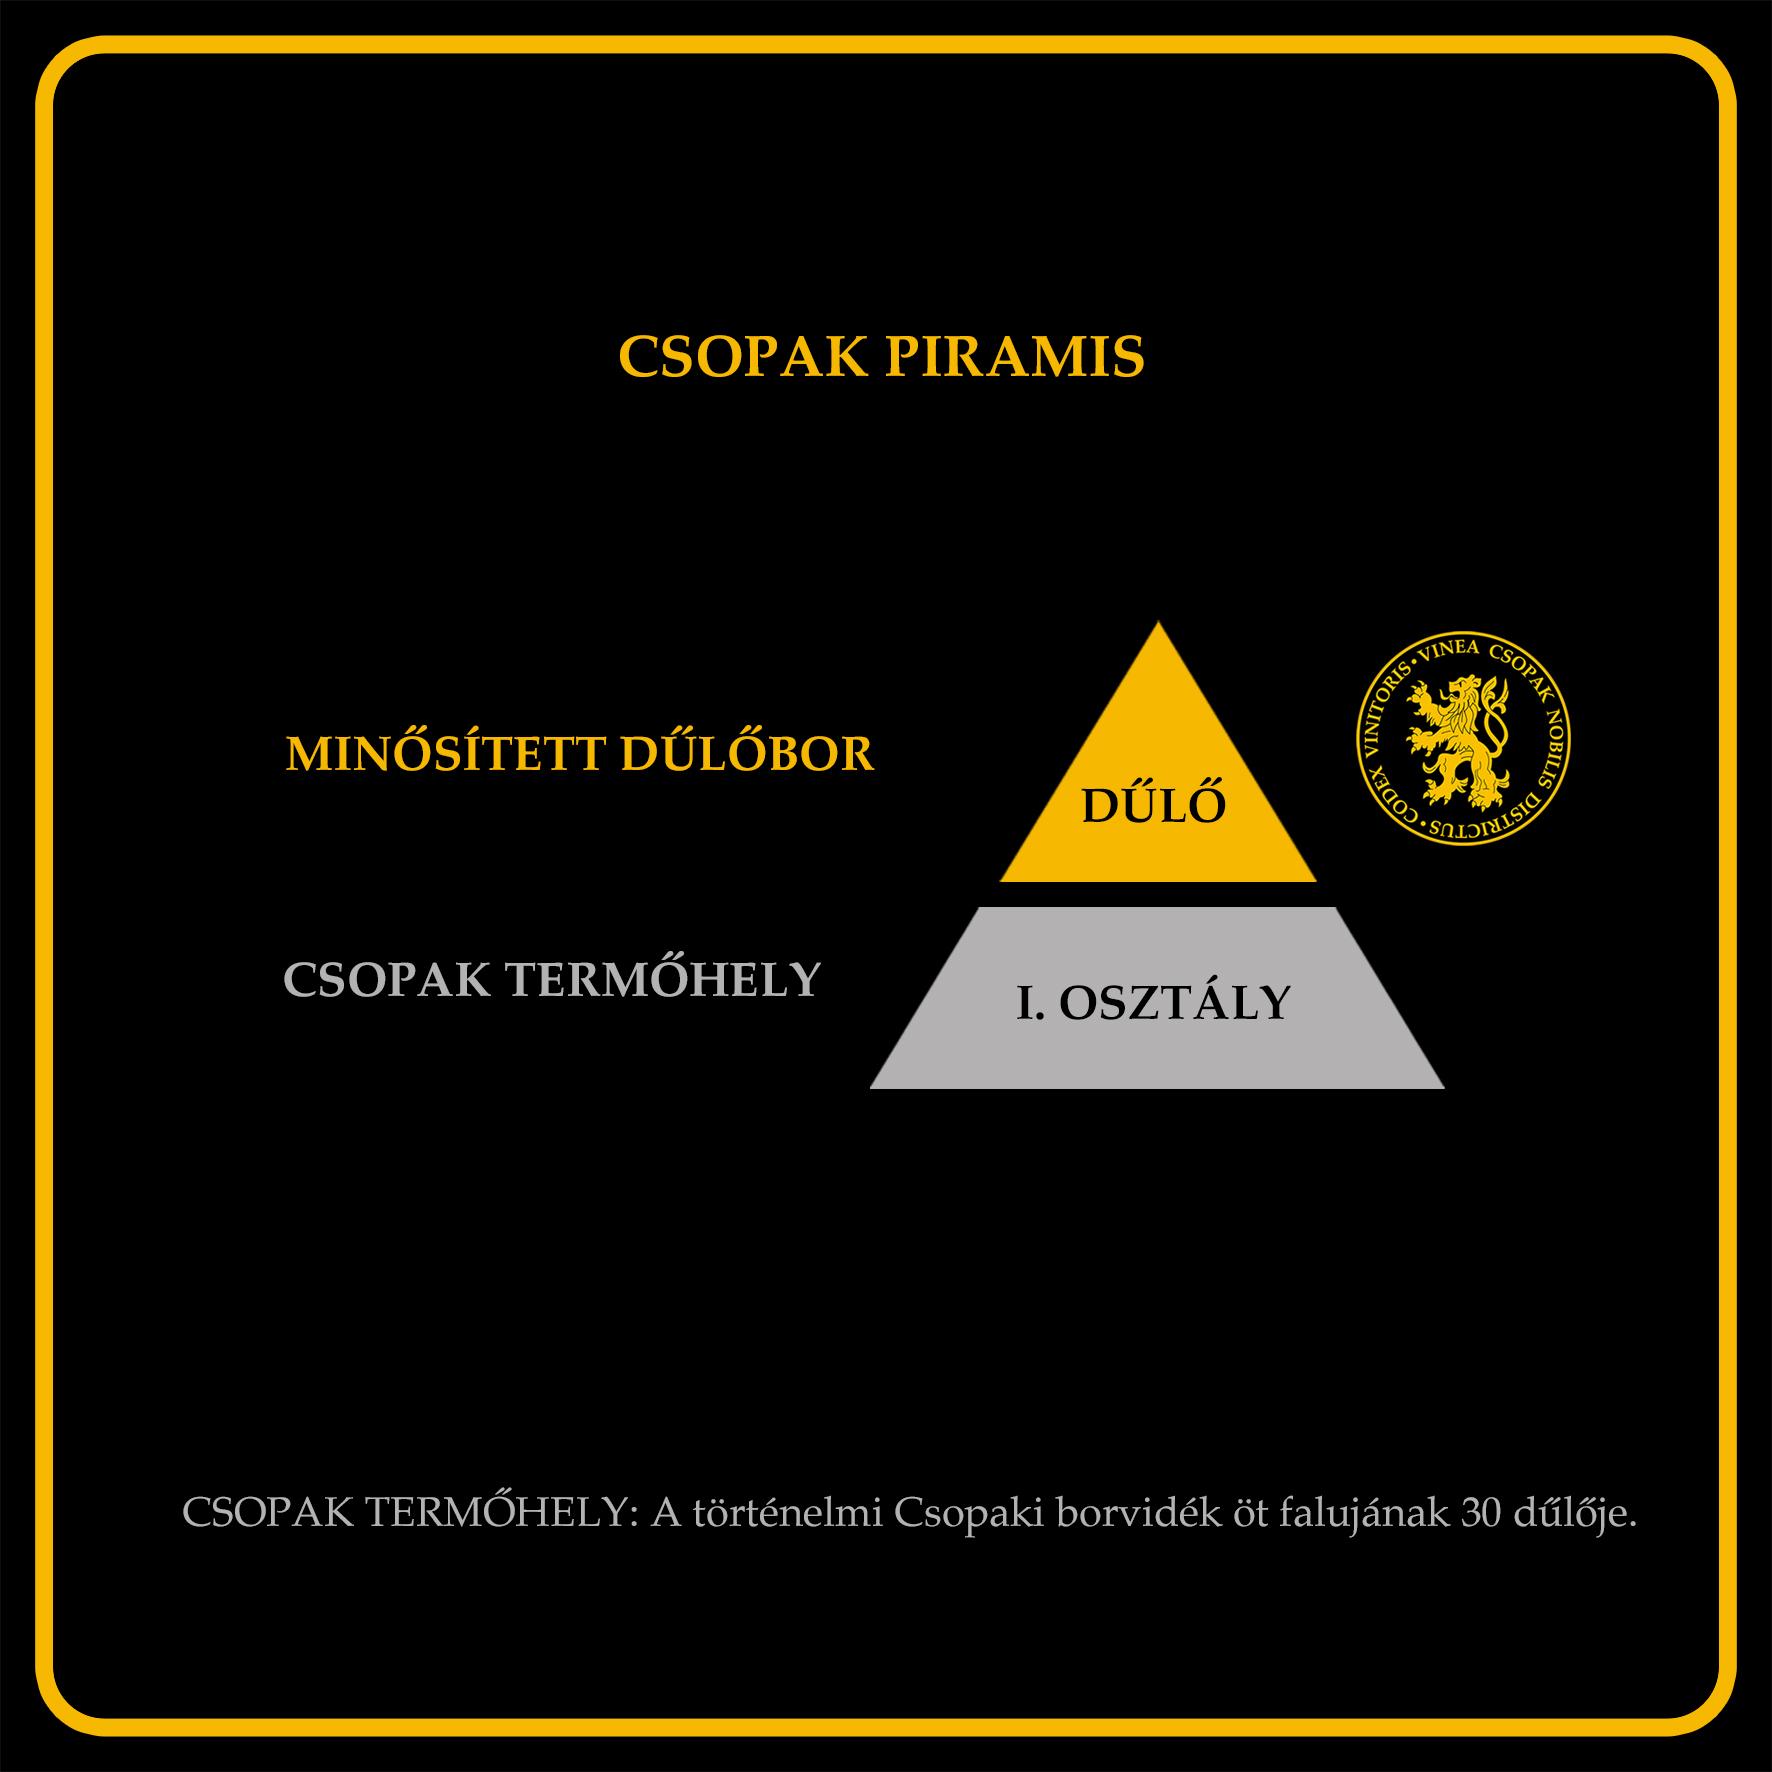 egyszerű_piramis_prosi1